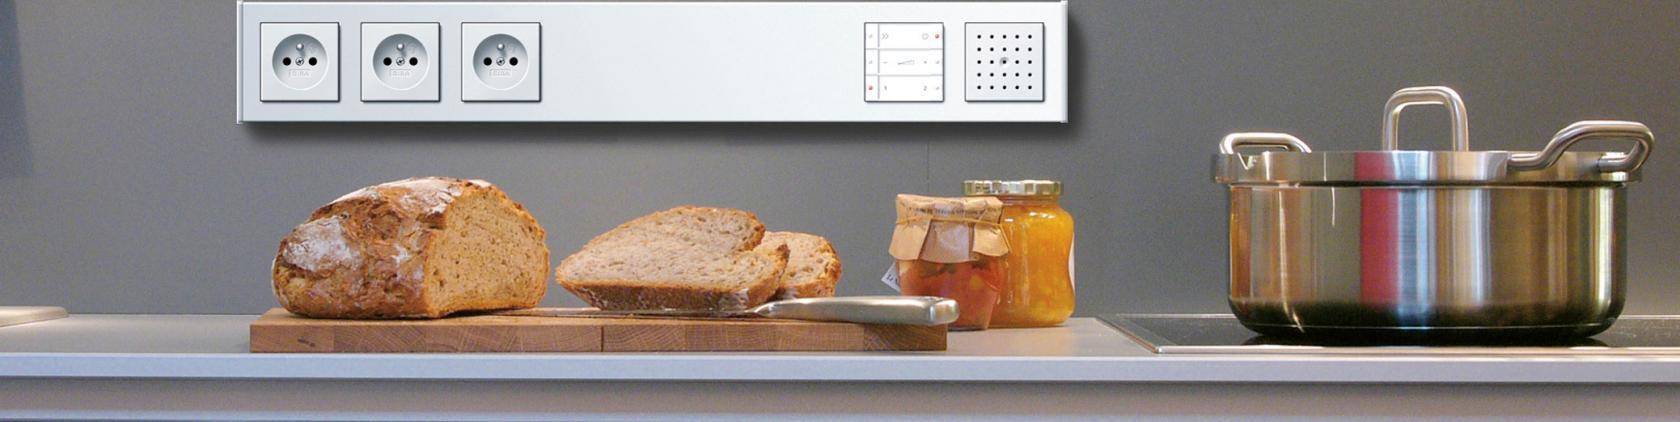 k che wohnen essen fliesen seitz mannheim fliesen f r moderne lebensr ume. Black Bedroom Furniture Sets. Home Design Ideas